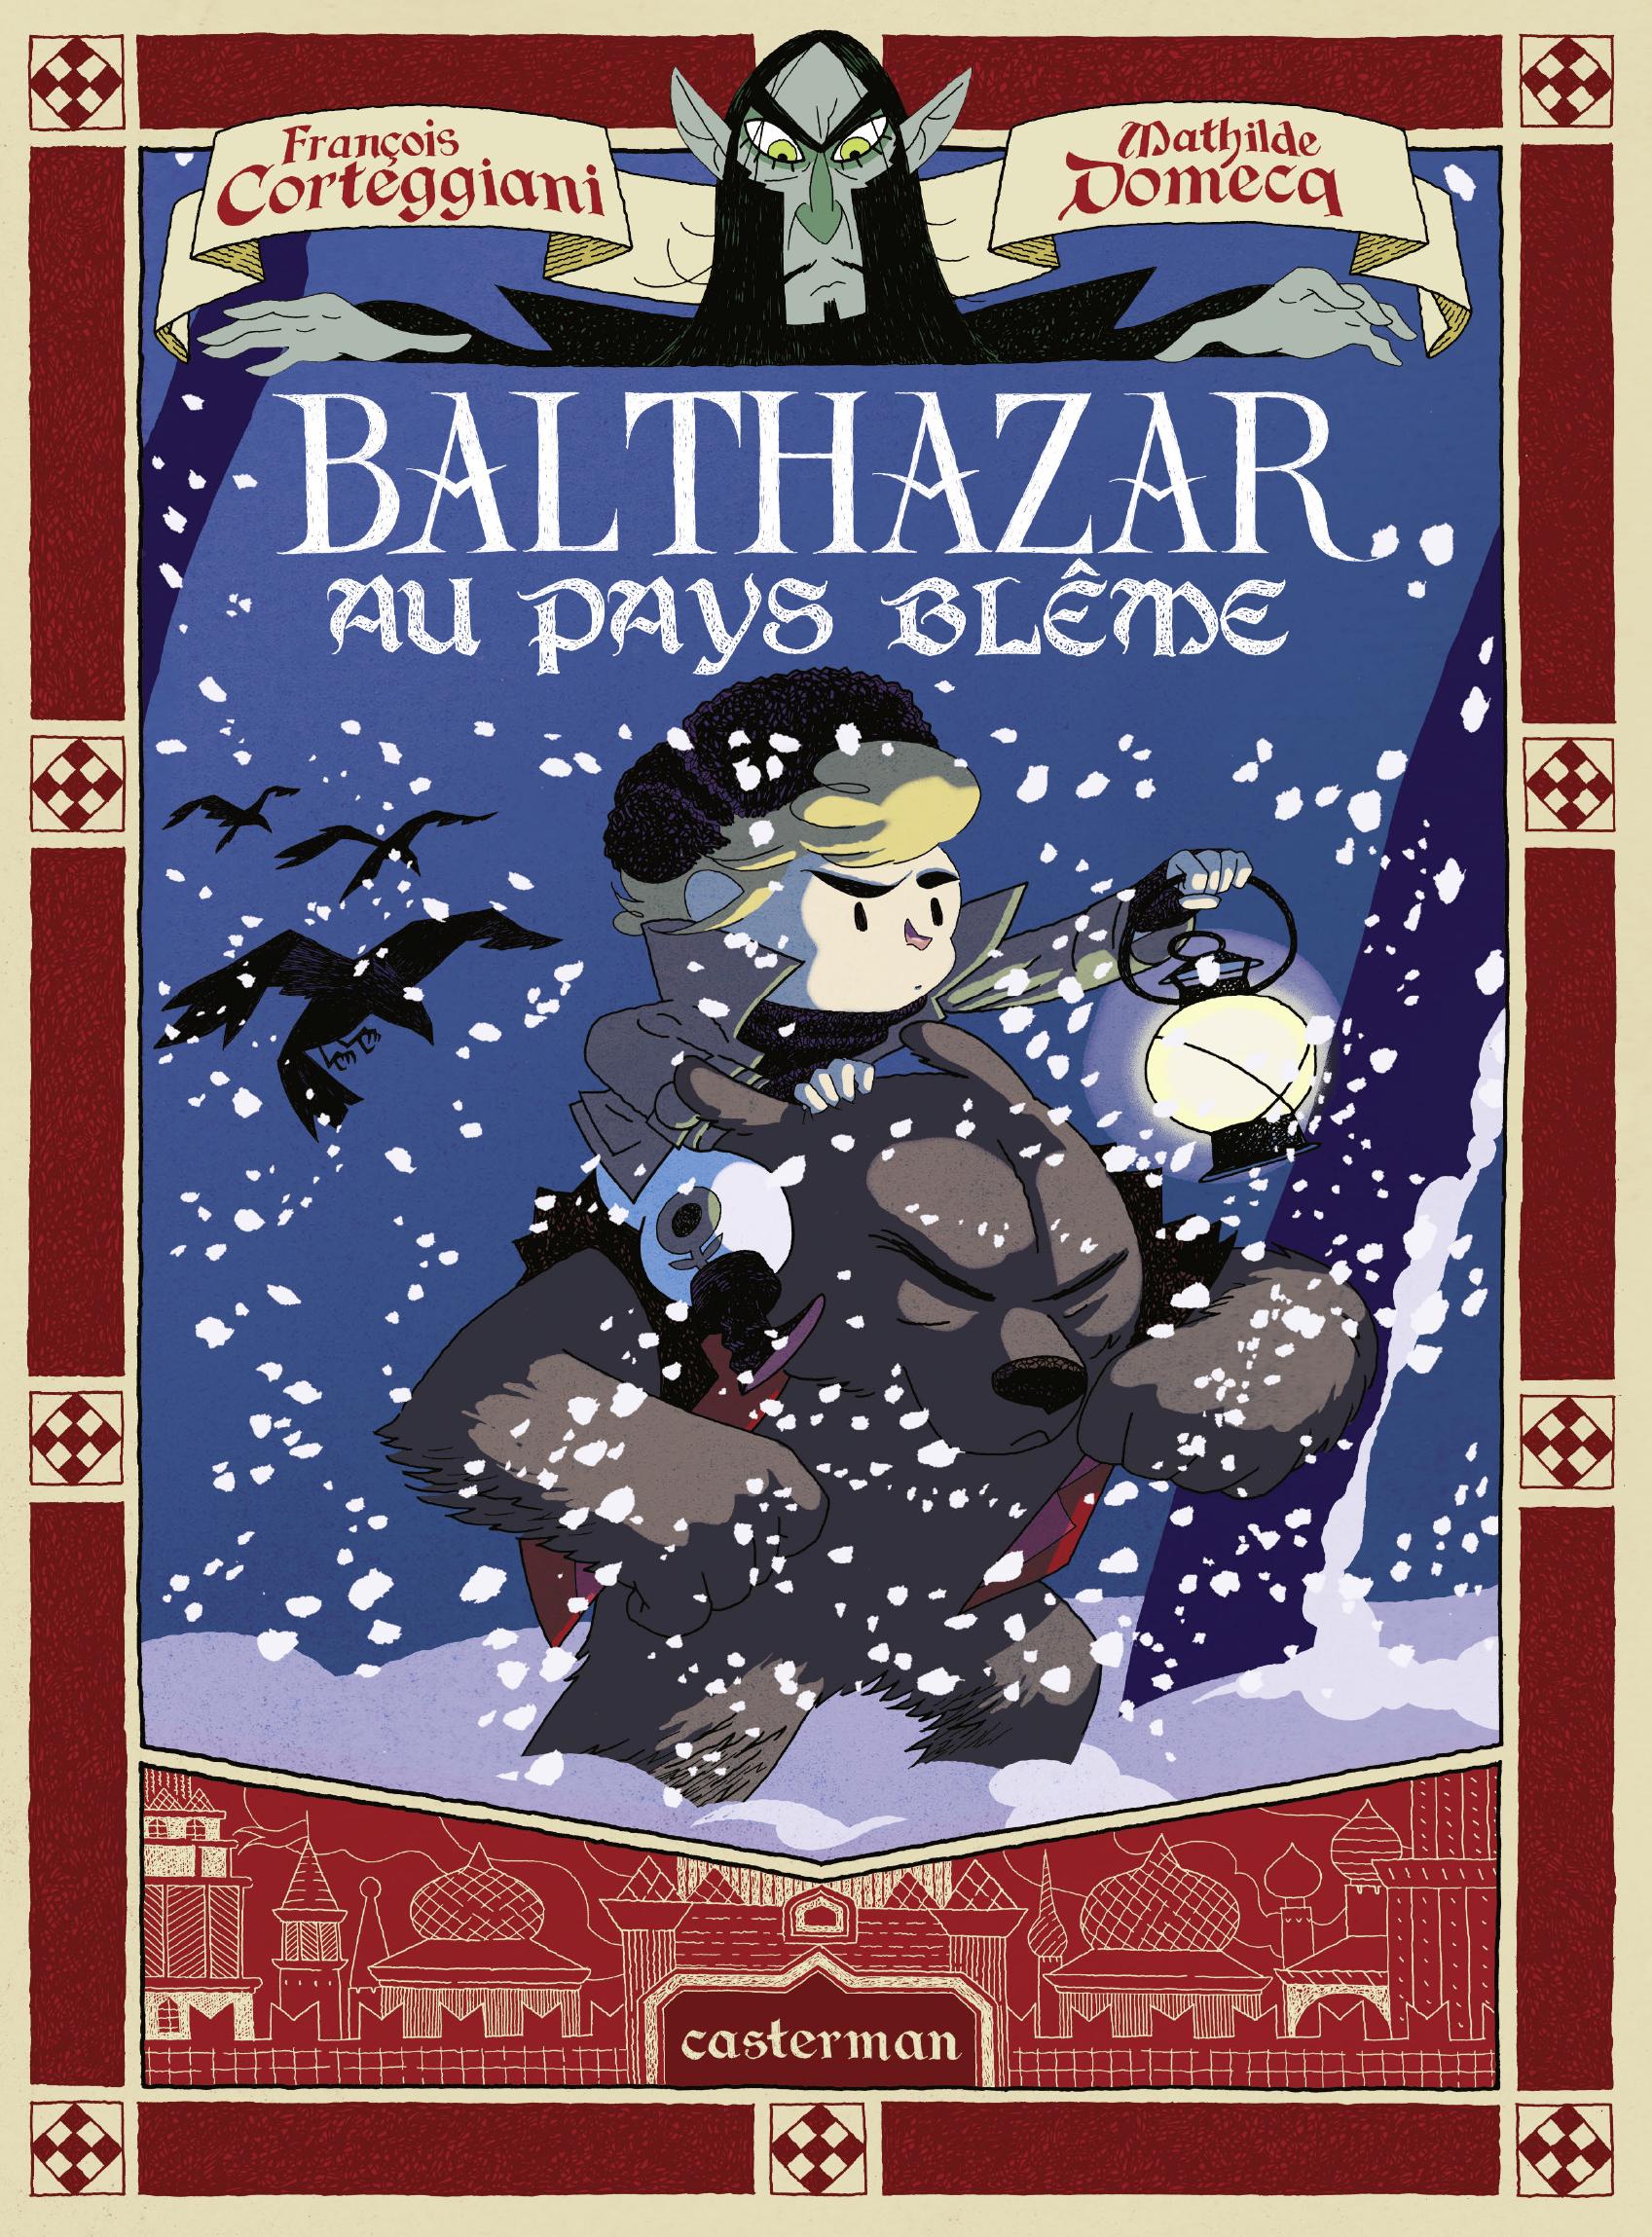 Balthazar au pays blême